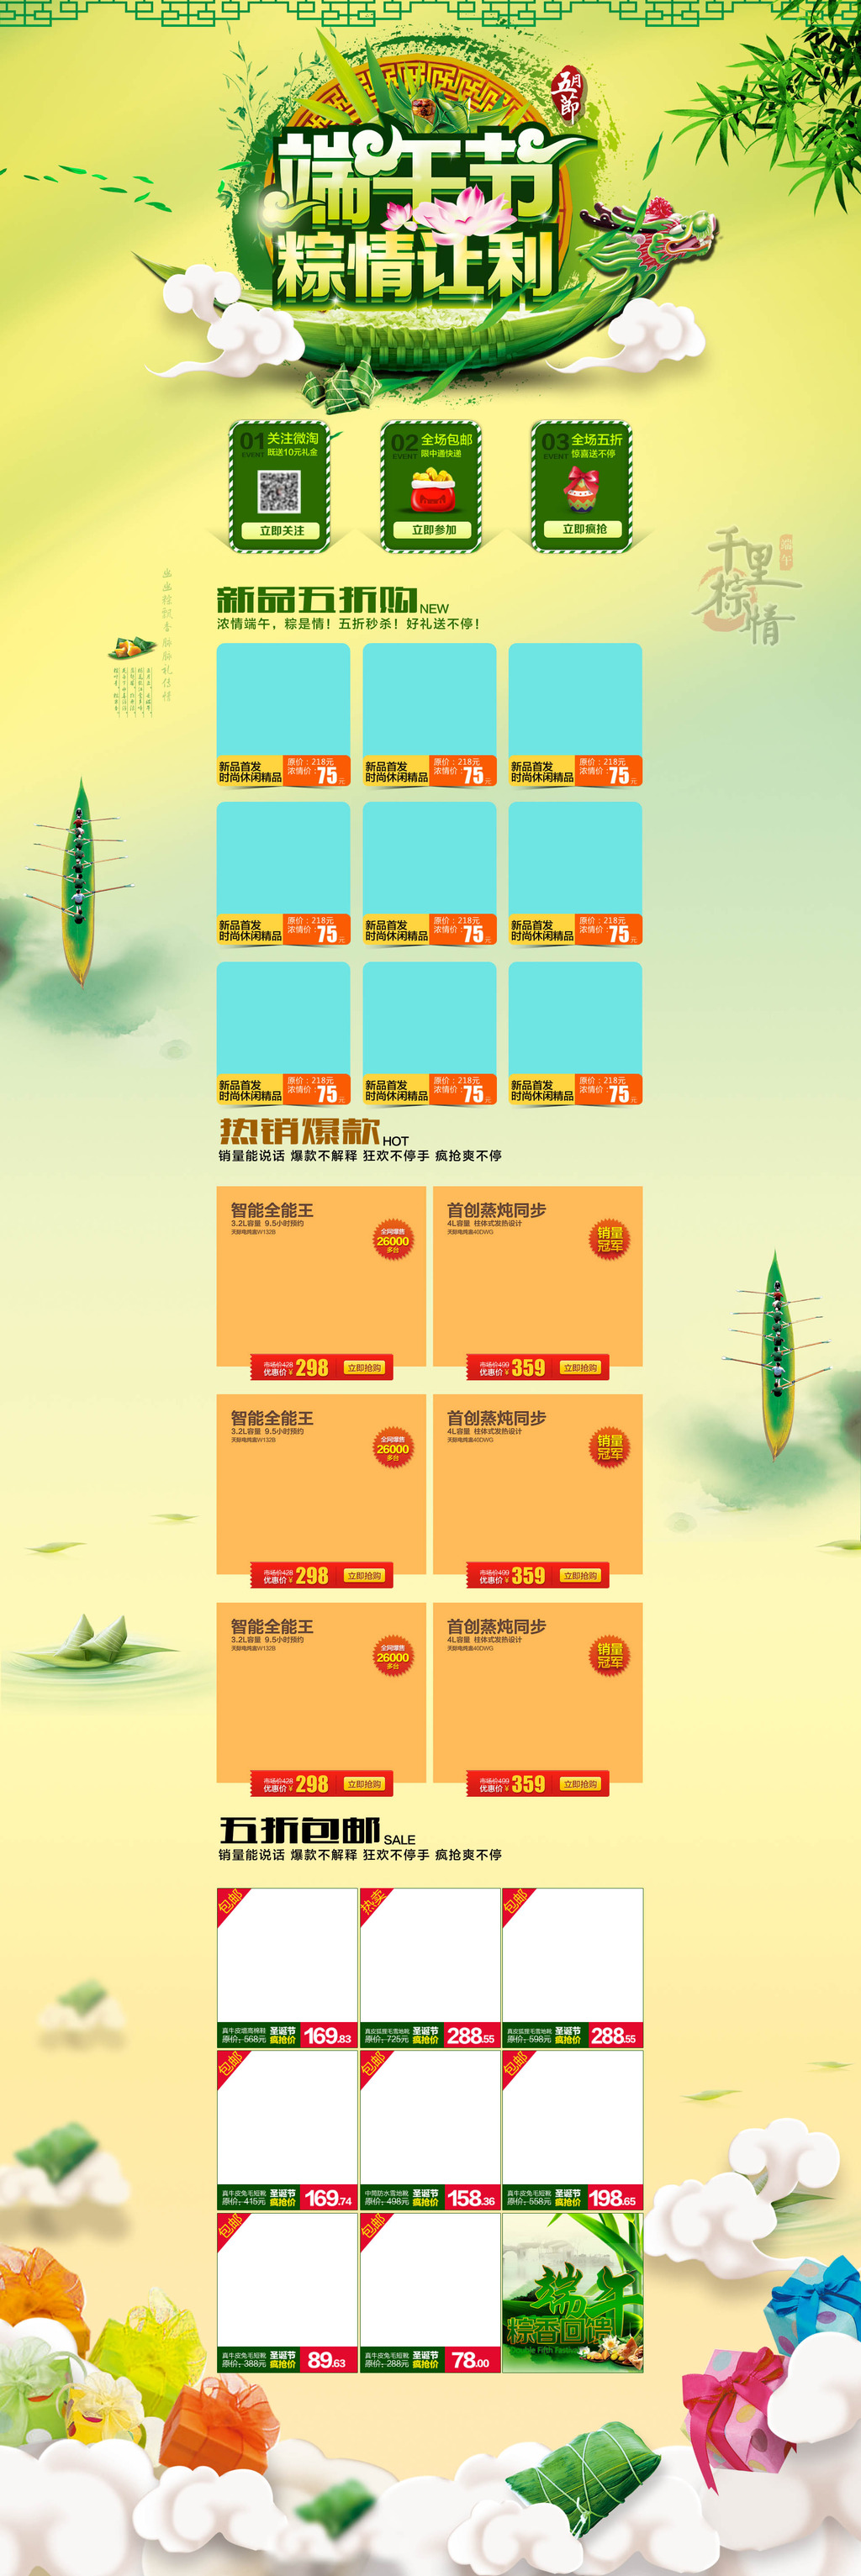 淘宝天猫端午节首页装修模板模板下载(图片编号:)